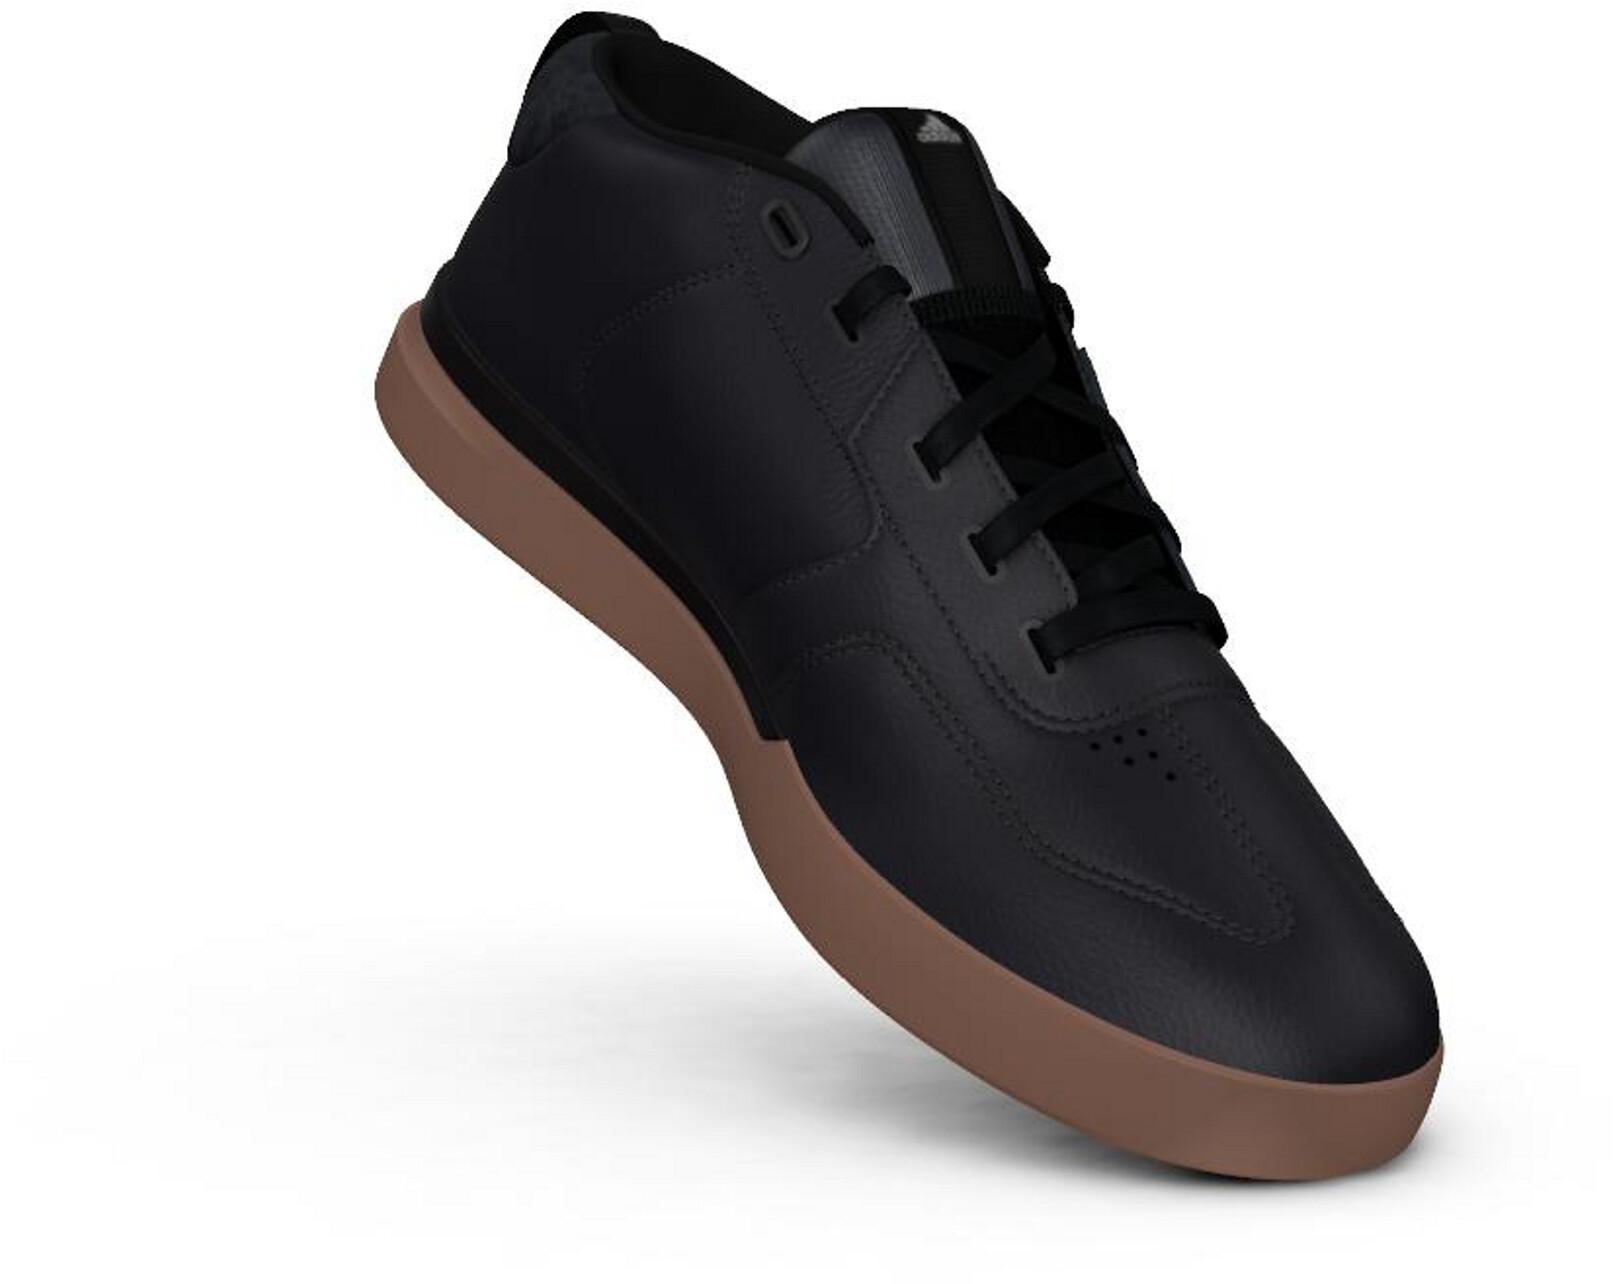 Adidas Herbst Winter Schuhe Gr 34 in 90459 Nürnberg für 10